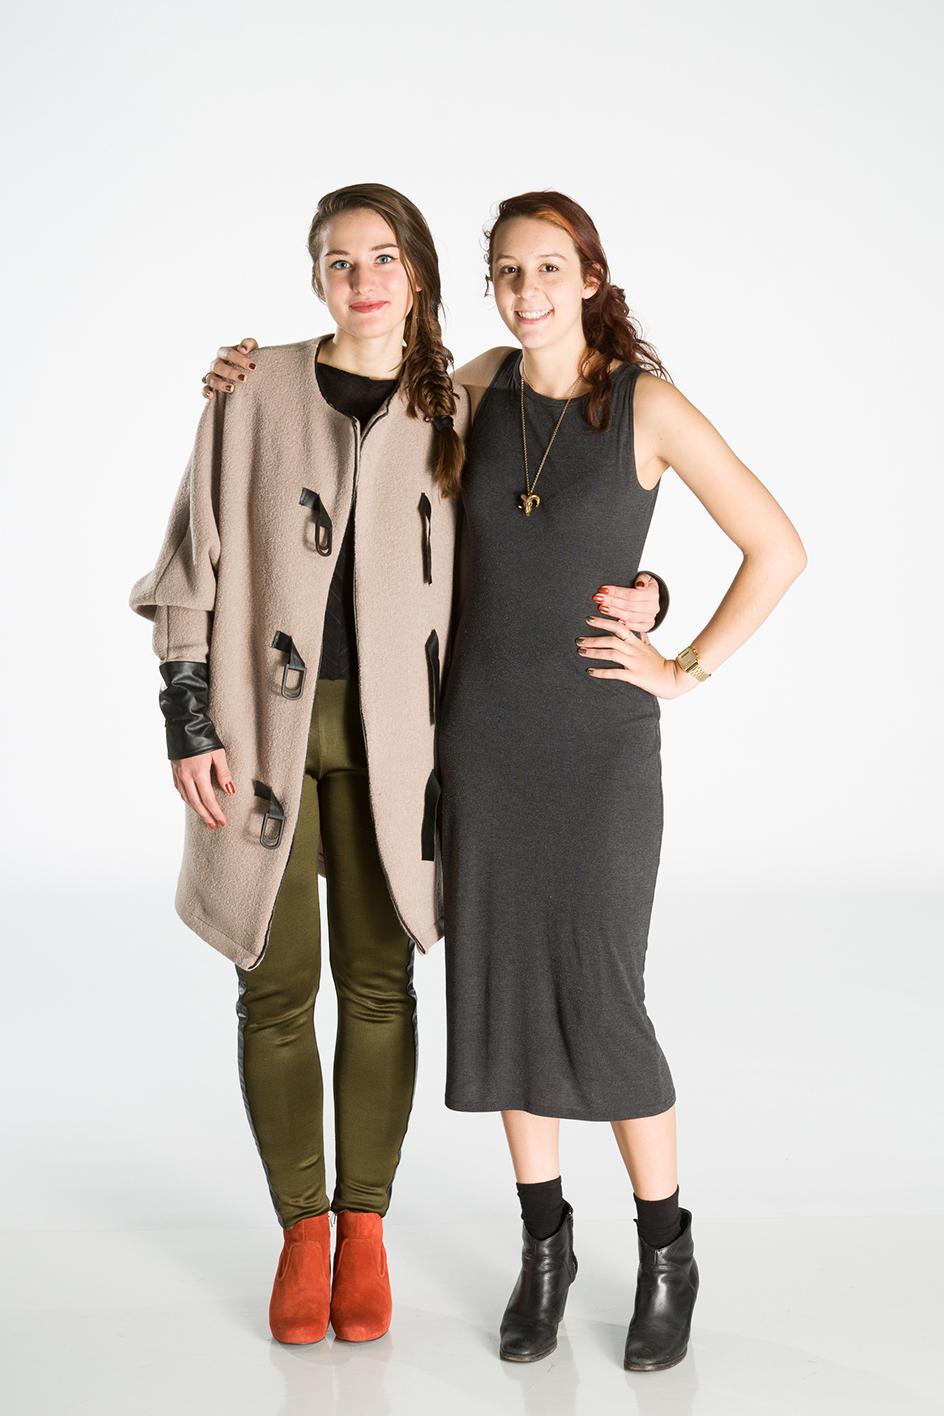 highline_dress_016_999C3392.jpg